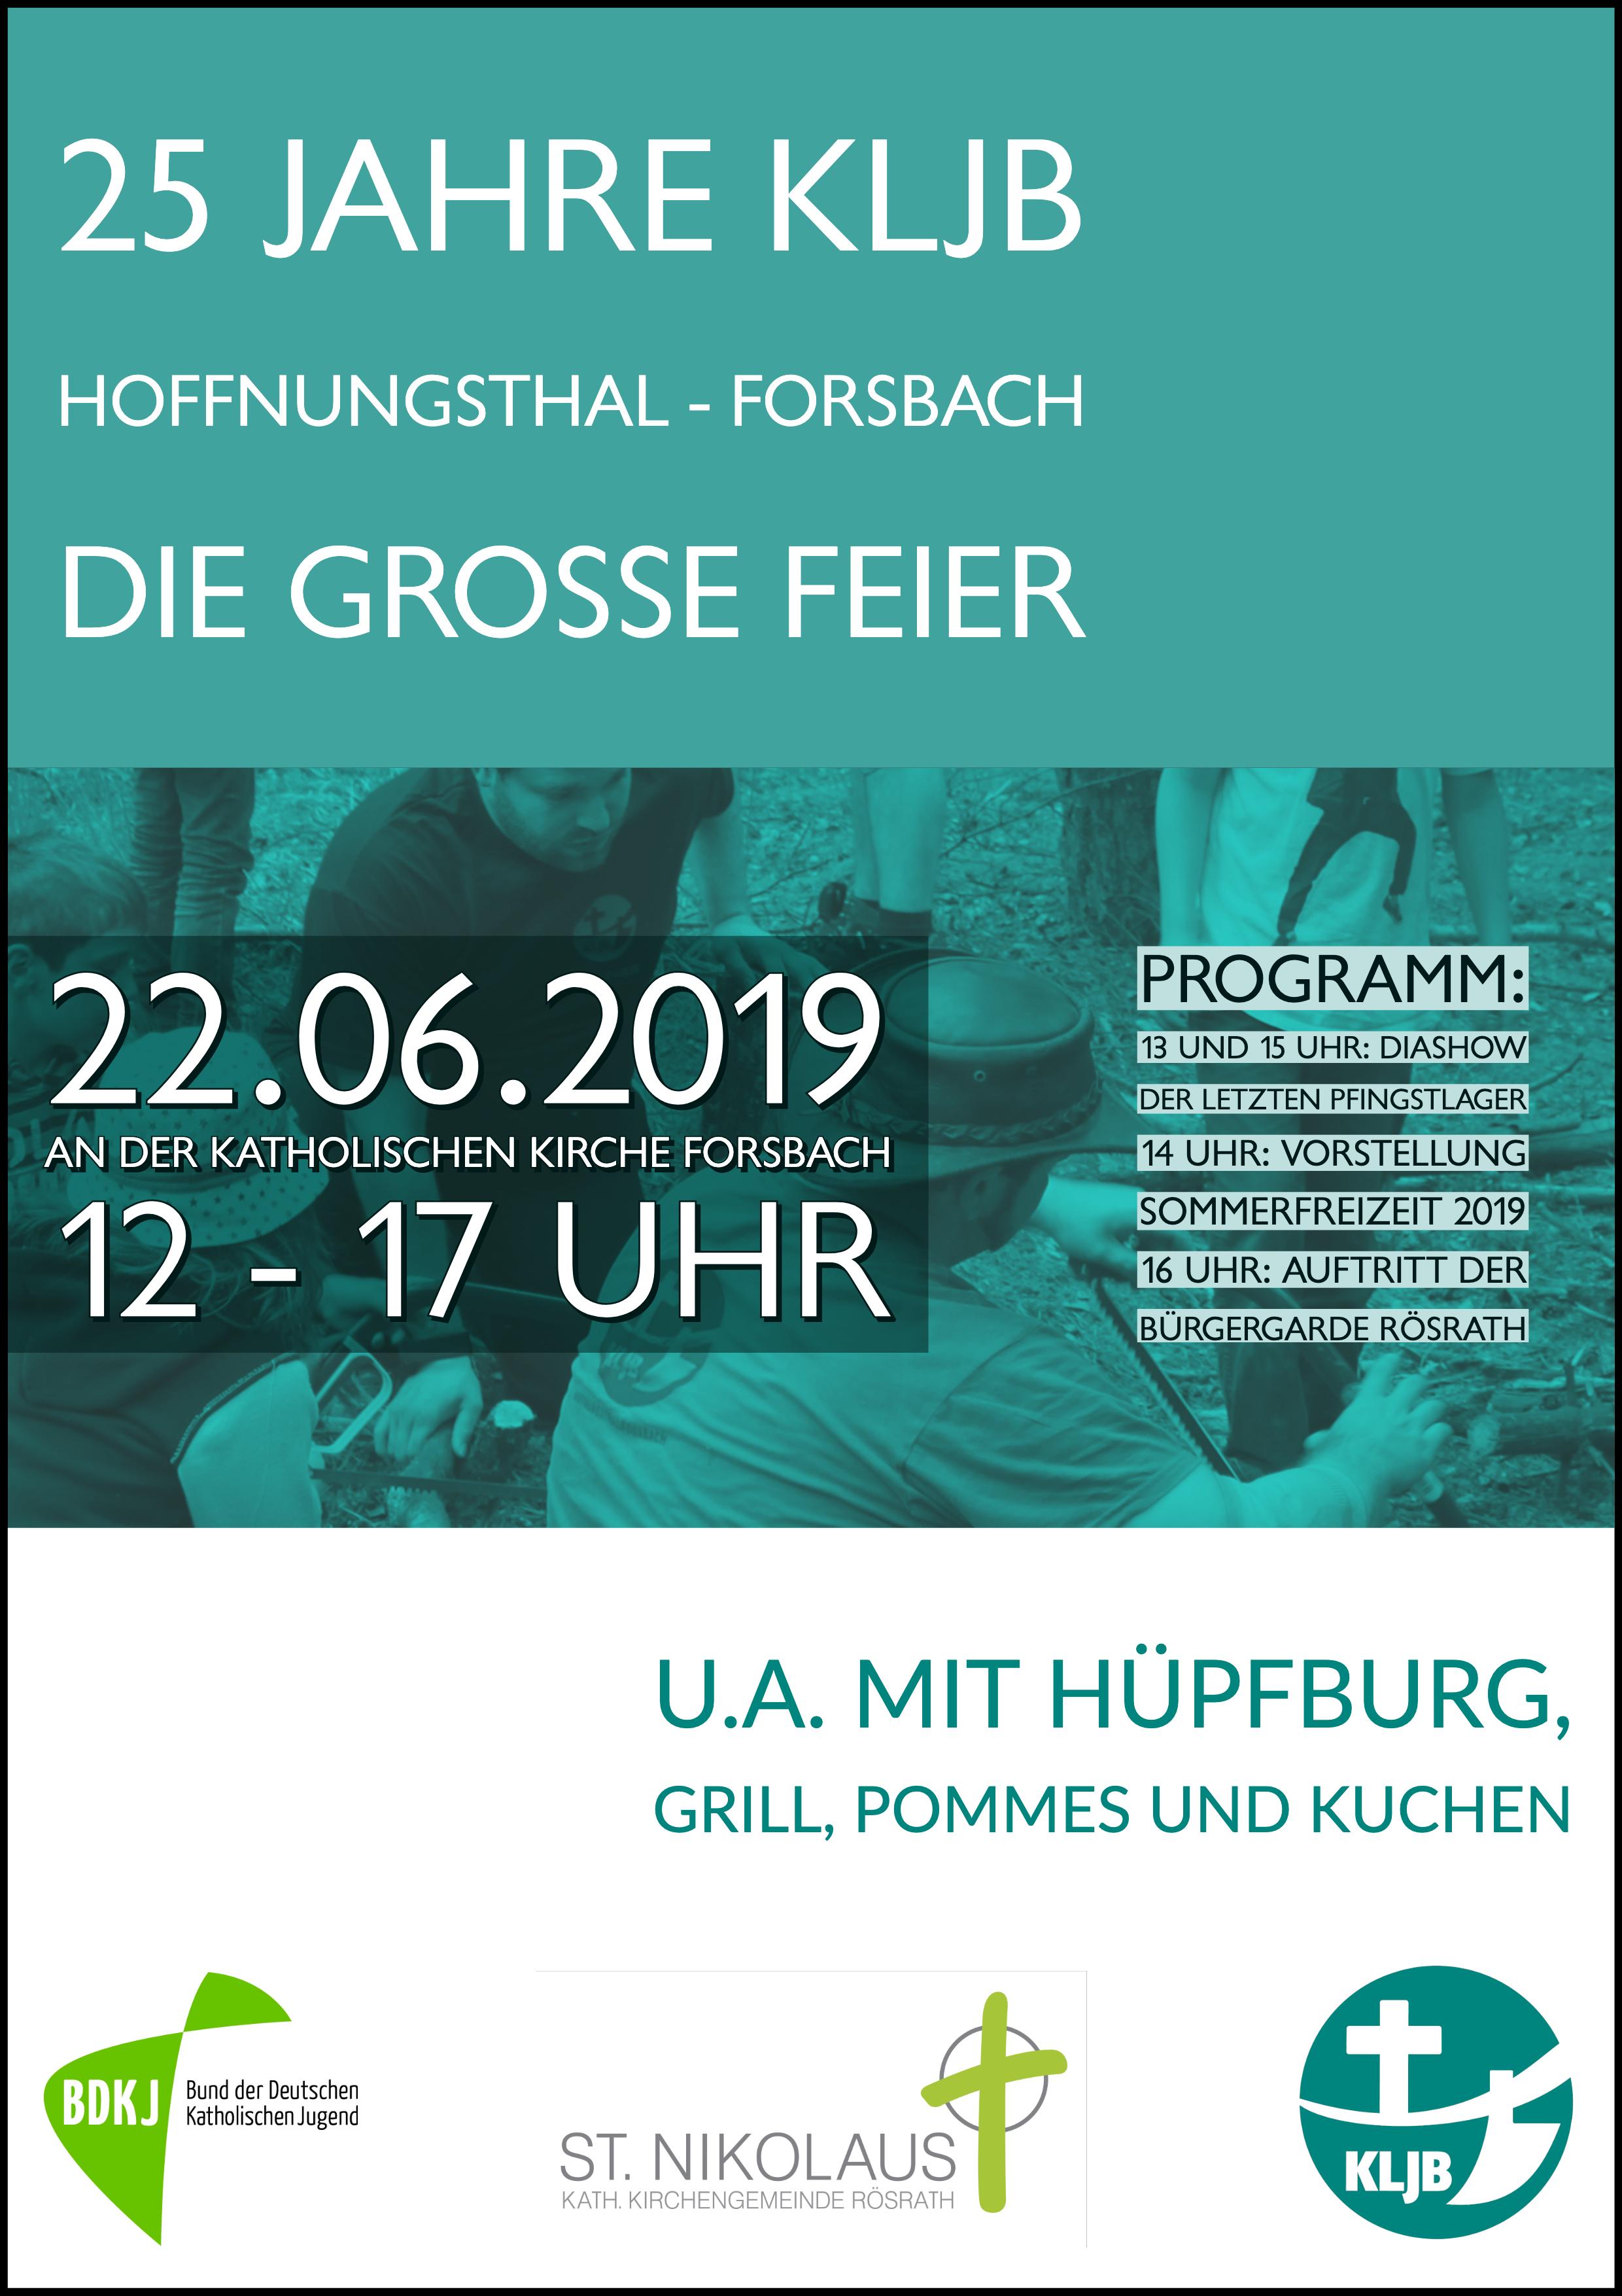 25 Jahre Kljb Hoffnungsthal Forsbach